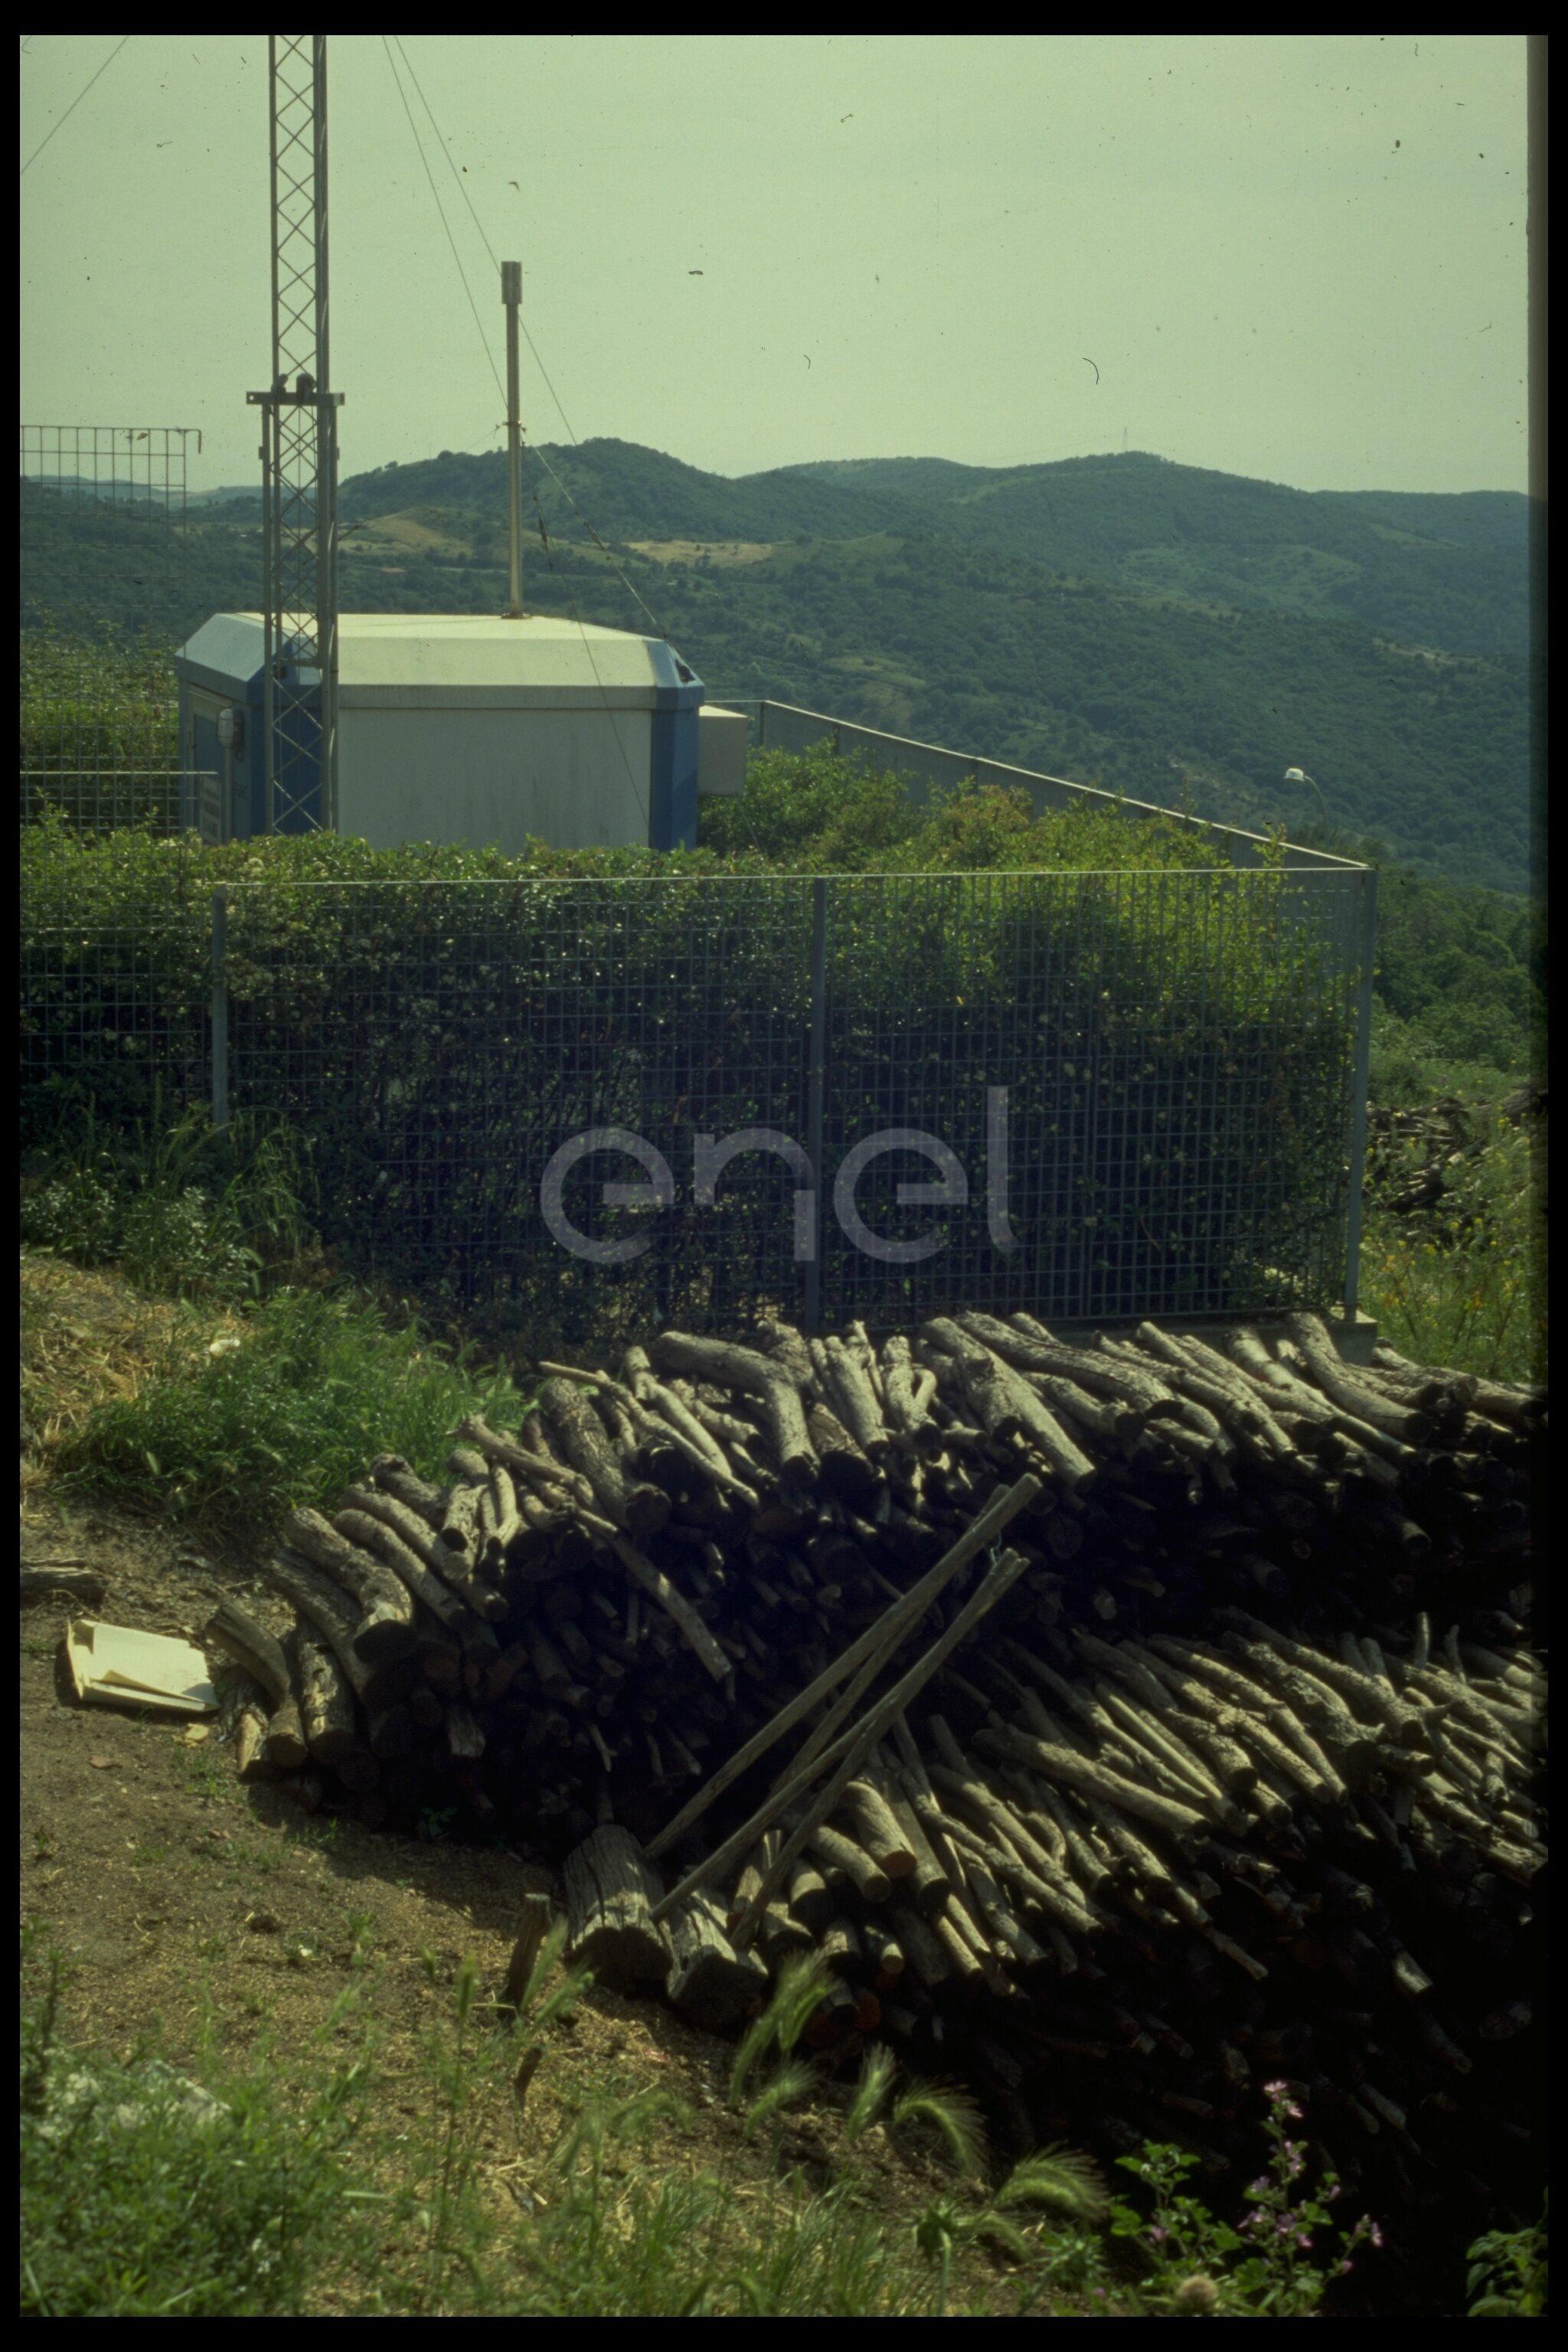 Monitoraggio ambientale nelle aree limitrofe alla centrale